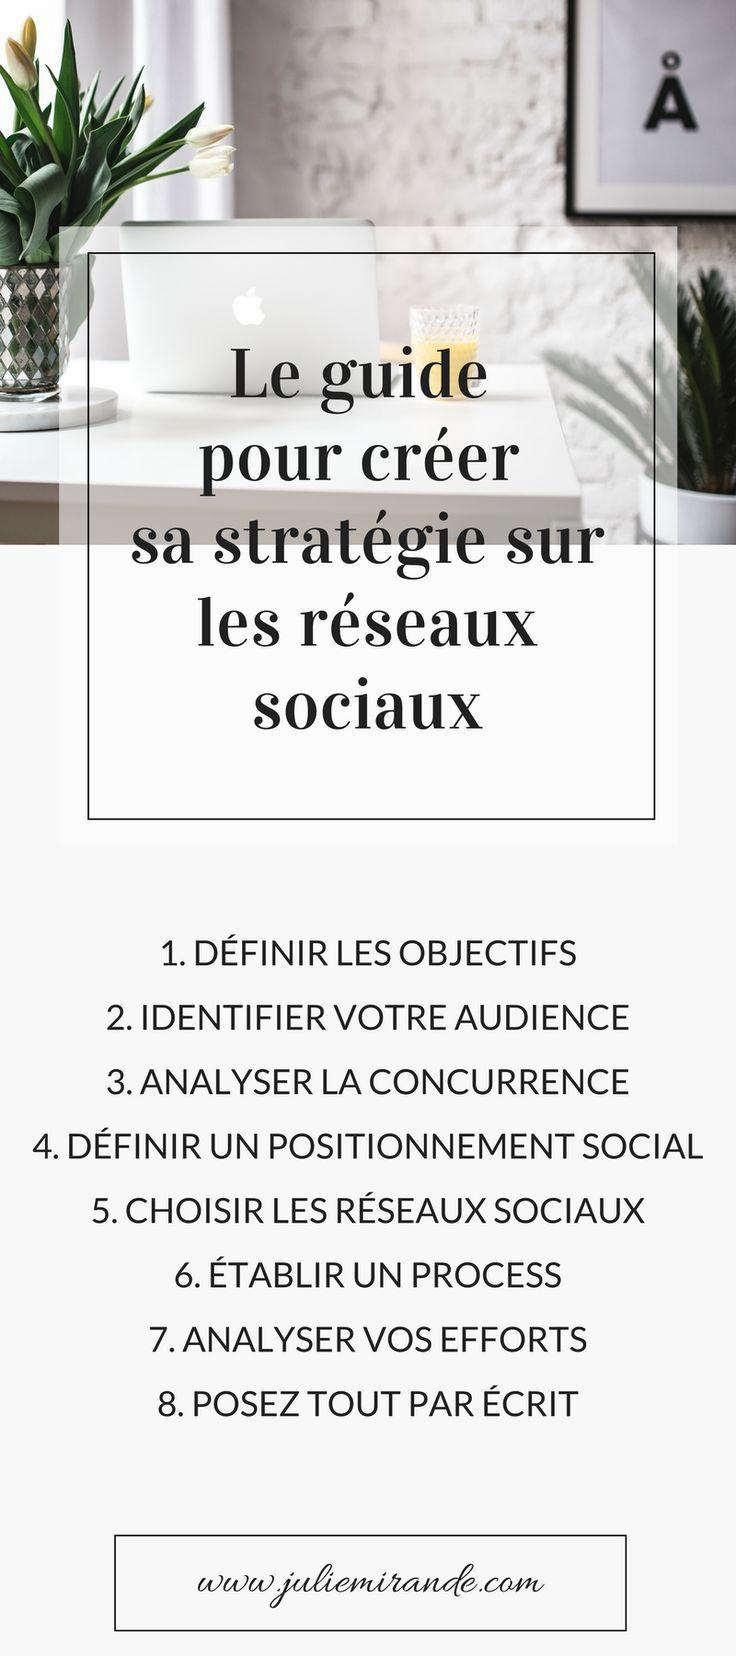 Le guide pas à pas pour définir facilement une stratégie sur les réseaux sociaux adaptée à vos objectifs. [par @juliemirande] #socialmedia #réseauxsociaux #digital